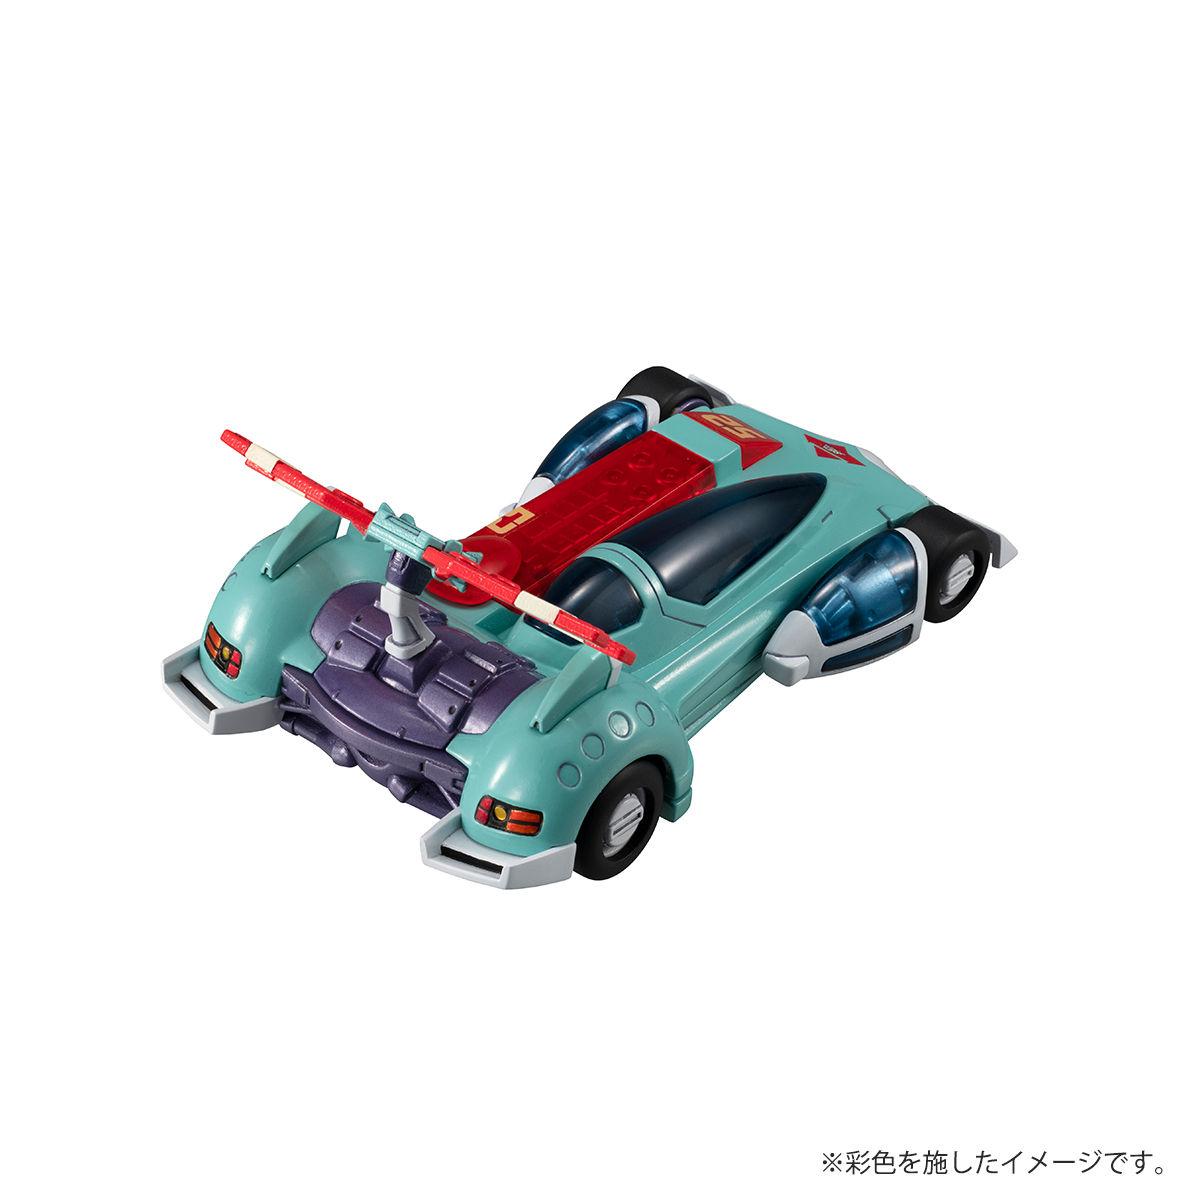 ヴァリアブルアクションキット『アスラーダG.S.X』新世紀GPXサイバーフォーミュラ 1/43 プラモデル-009